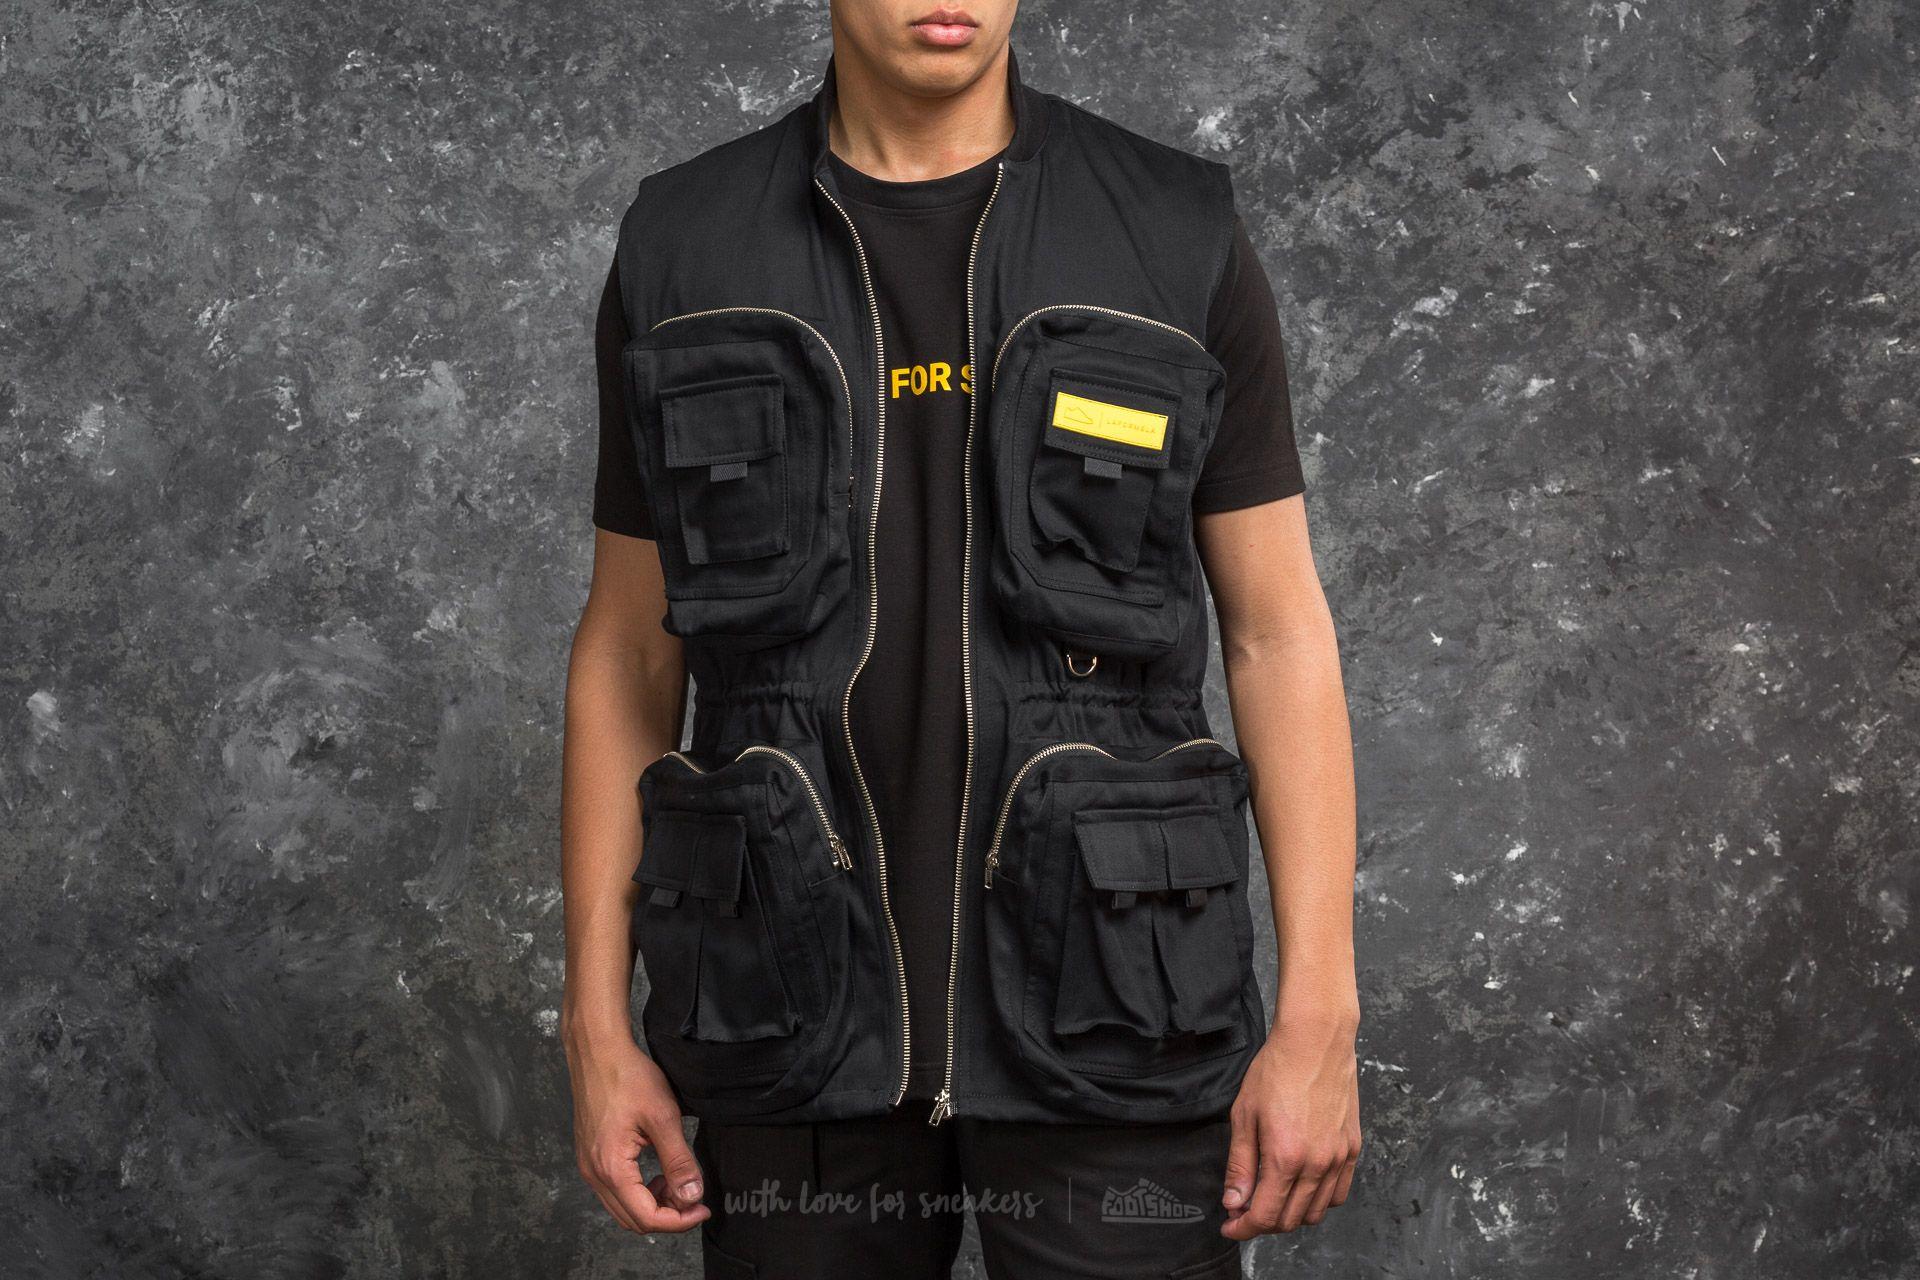 Footshop x LAFORMELA Vest Black za skvělou cenu 3 390 Kč koupíte na Footshop.cz